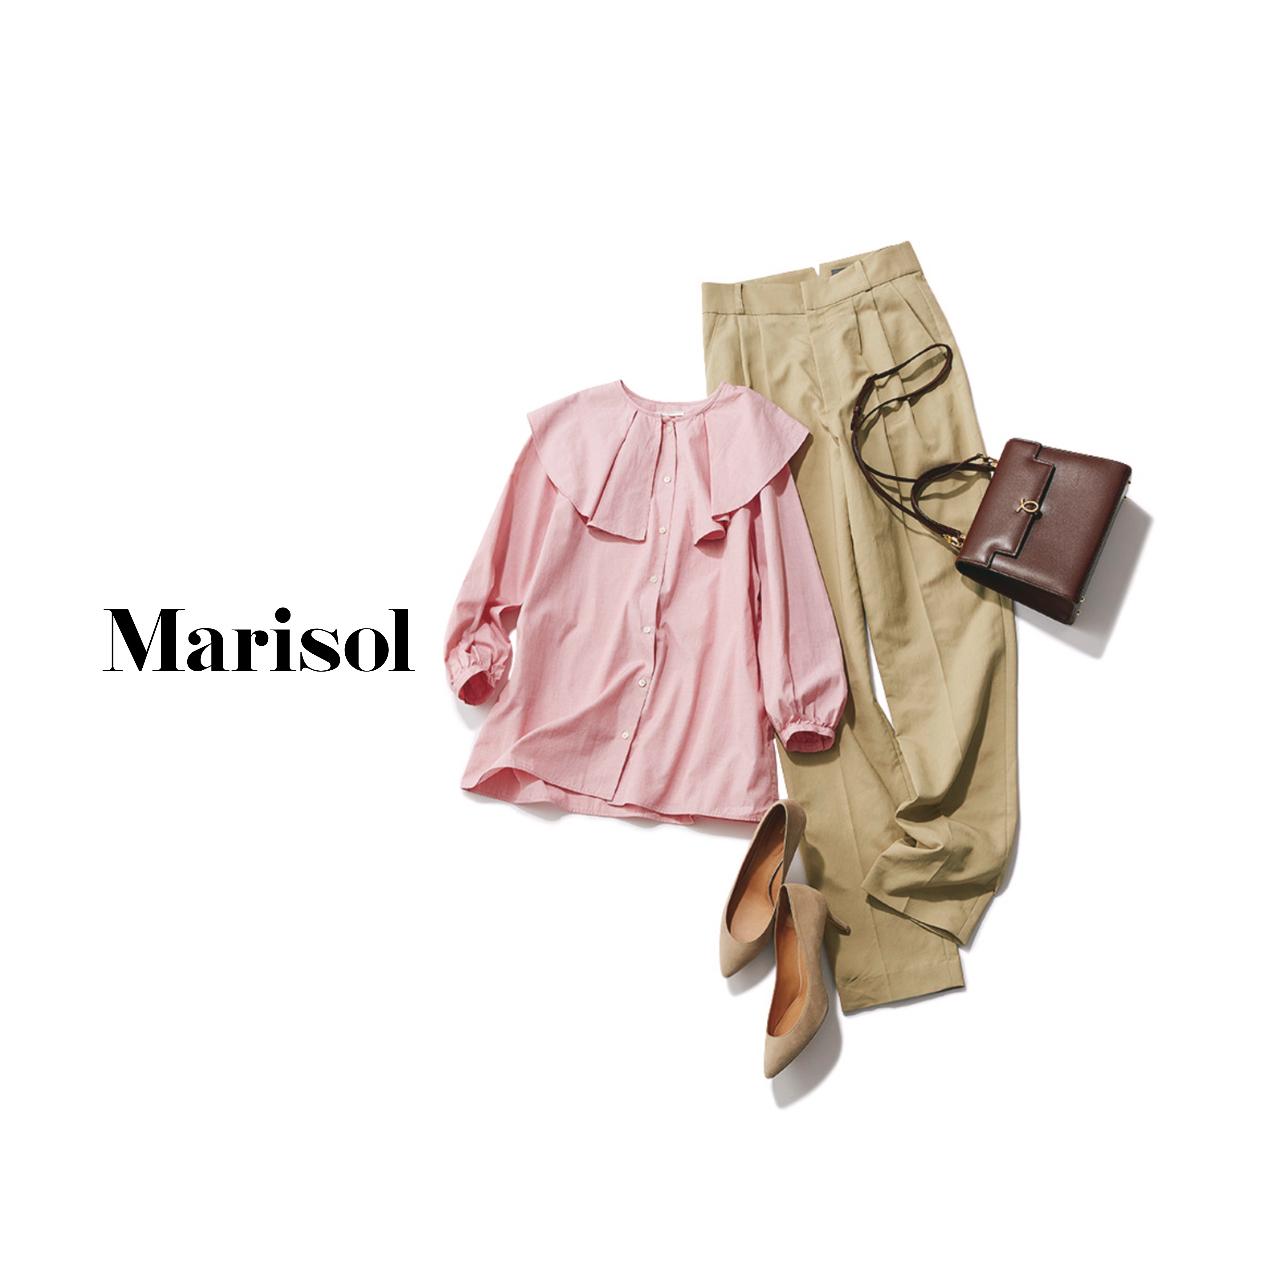 40代ファッション  ピンクブラウス×ベージュチノパンコーデ